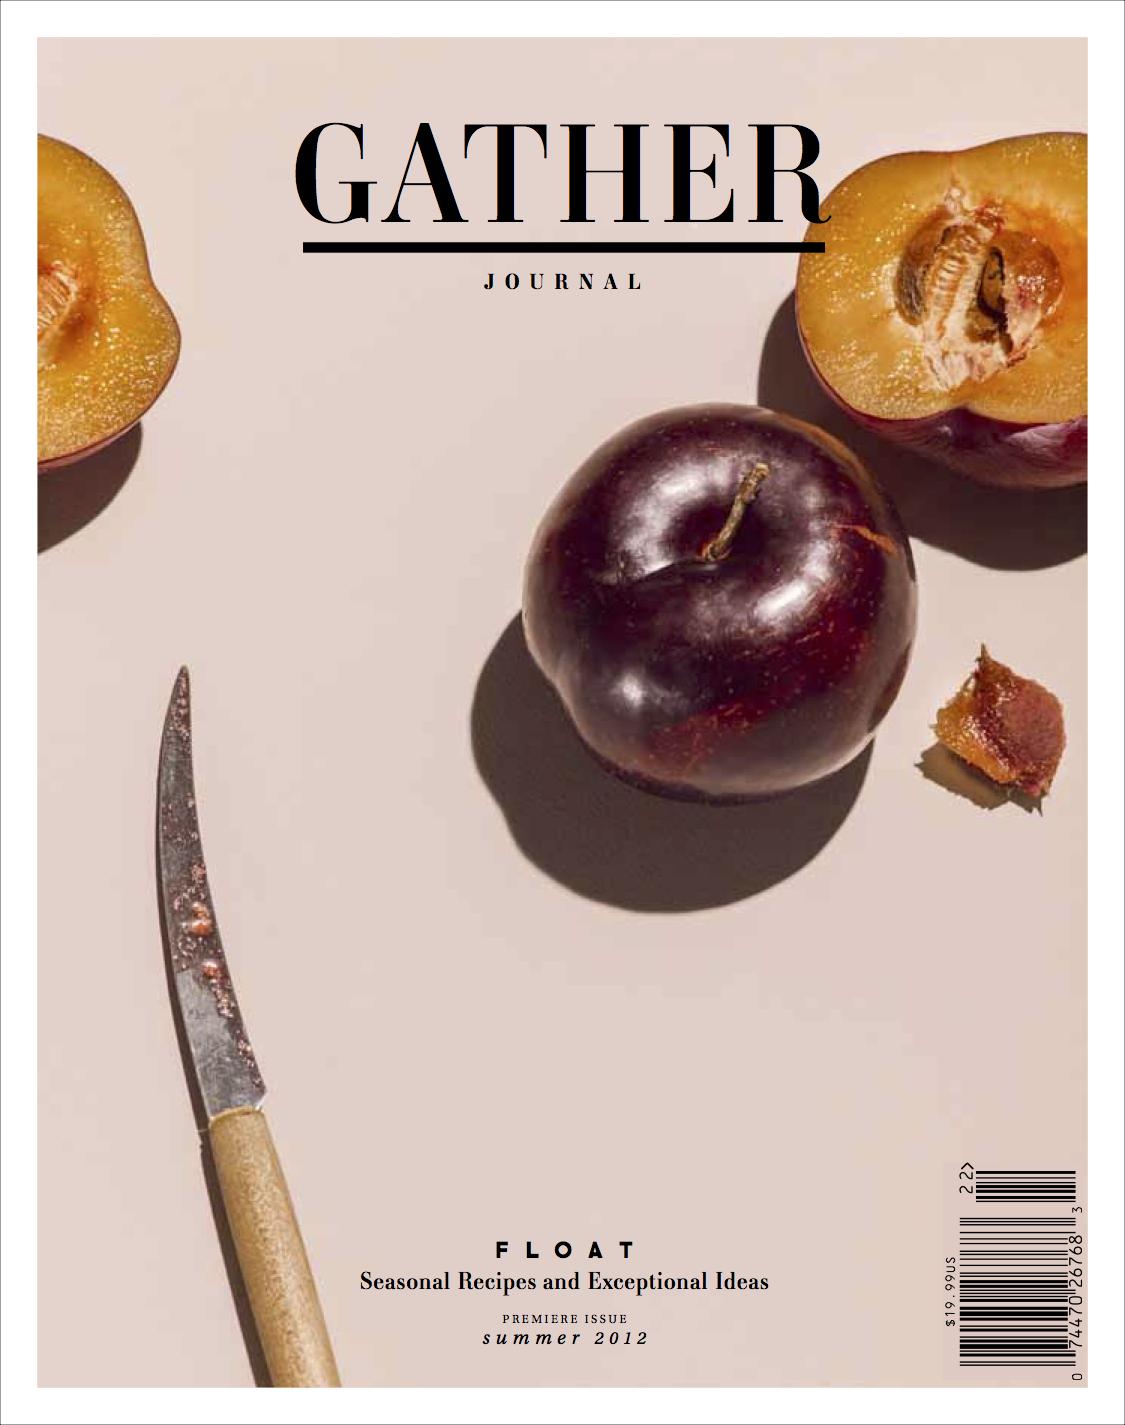 gatherjournal_S2012__FLOAT.jpg